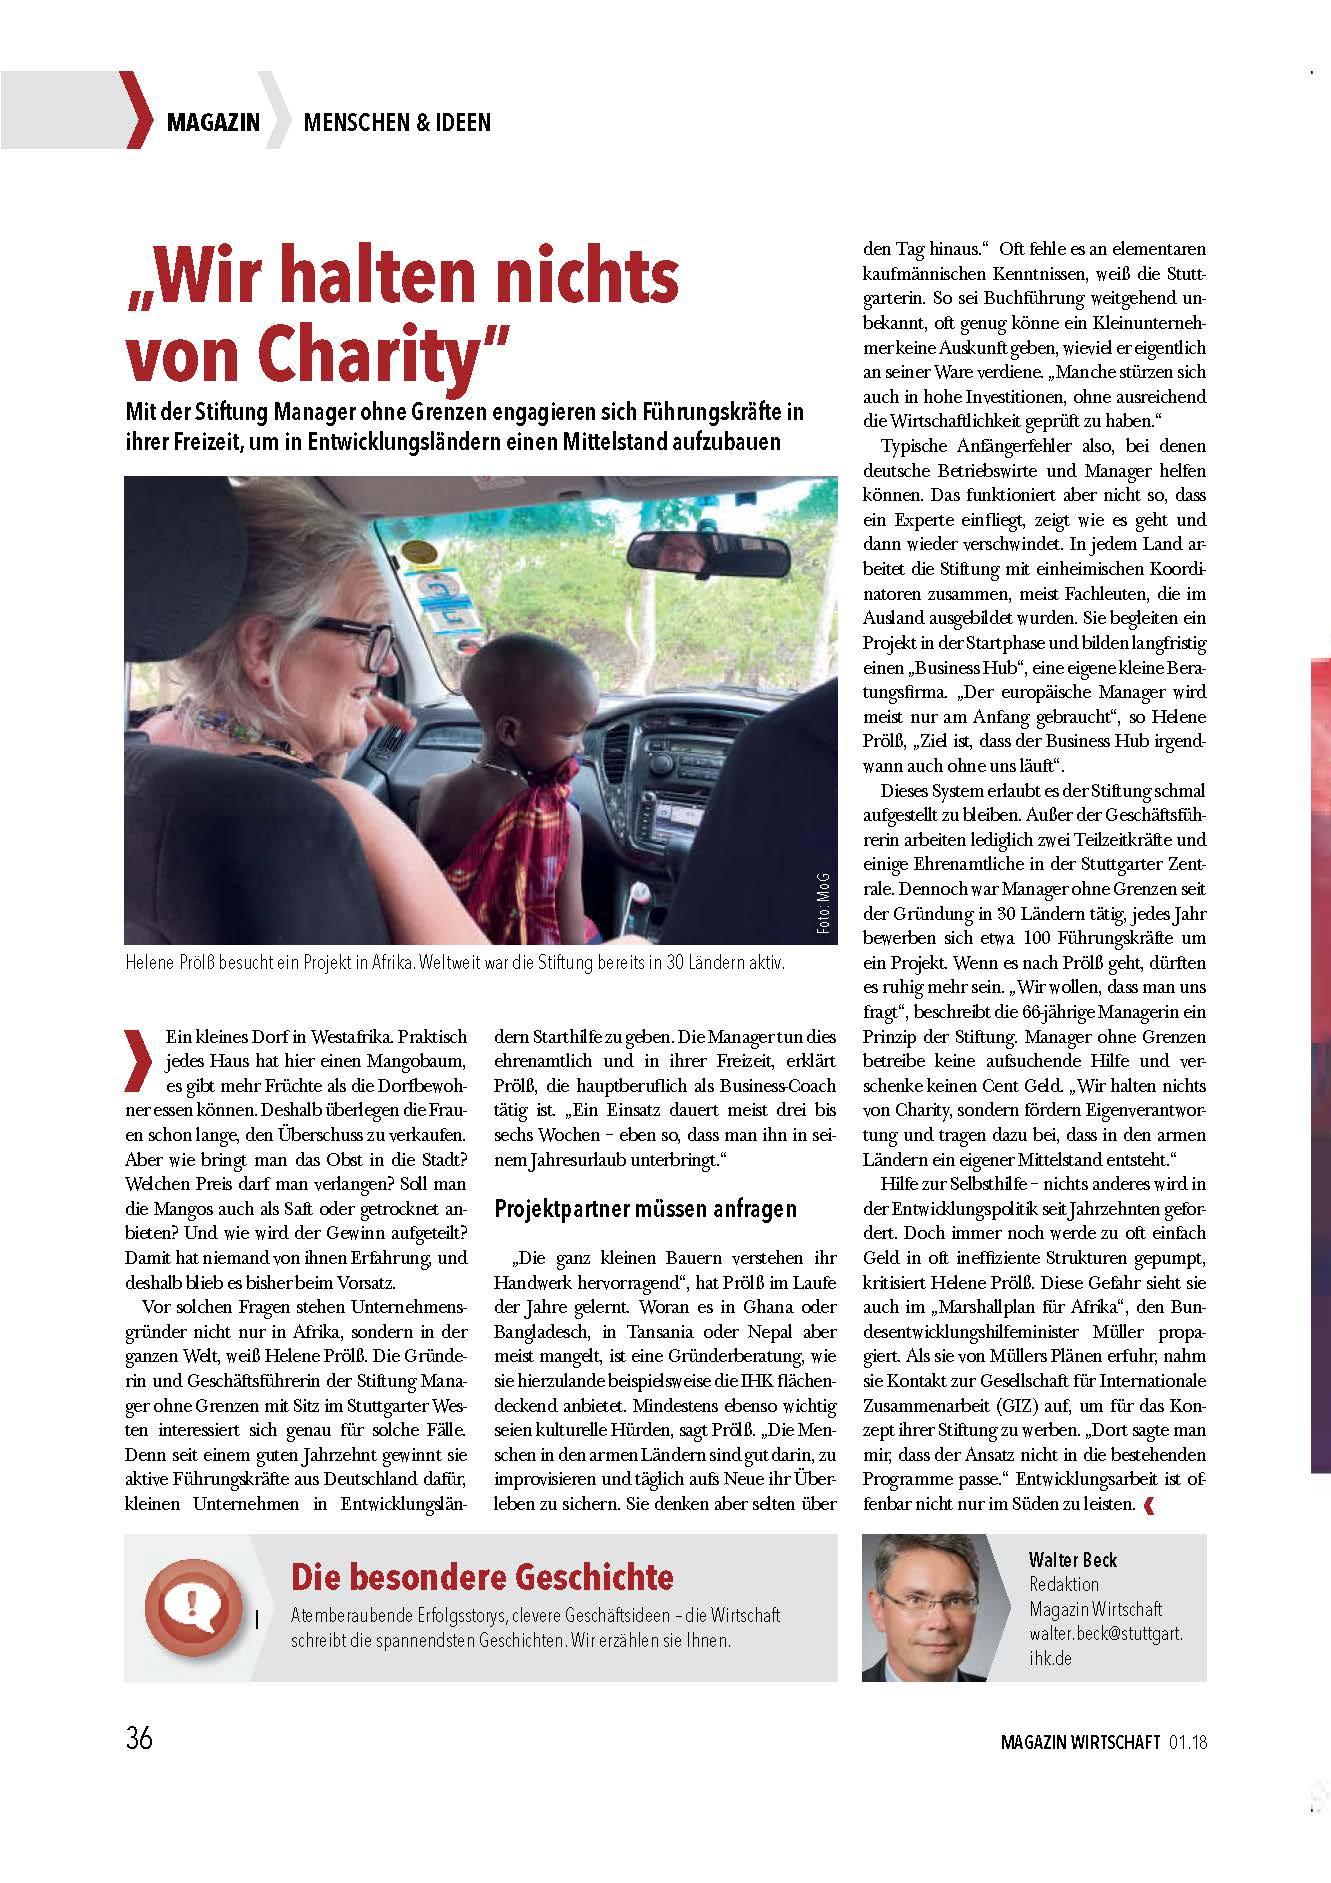 Manager ohne Grenzen im IHK Magazin, Januar 2018